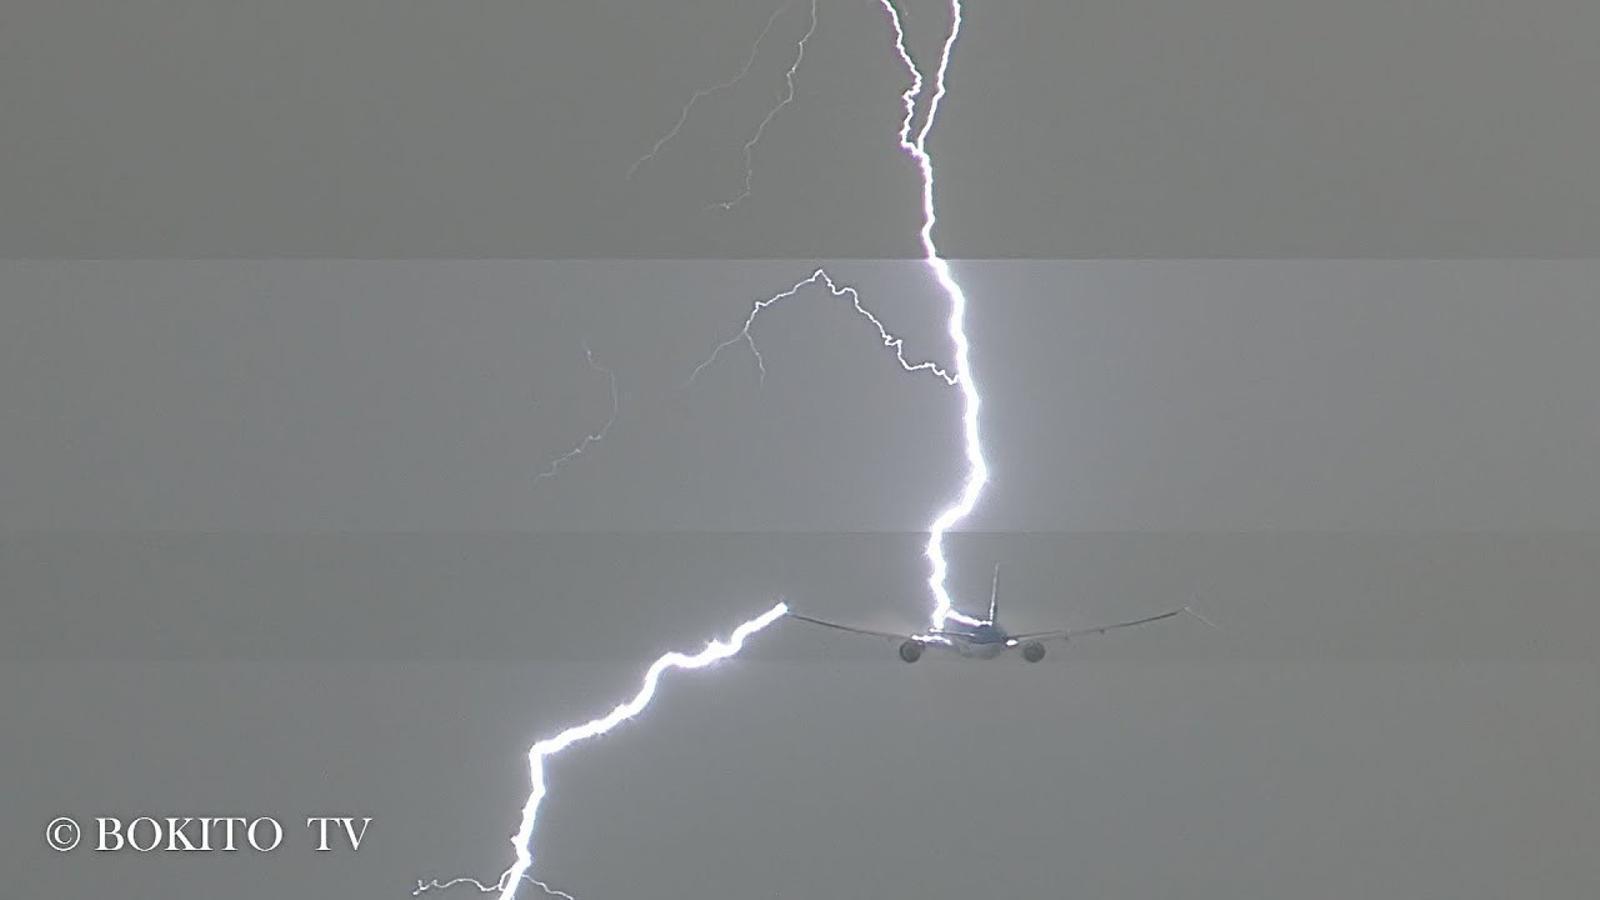 Un llamp travessa un avió a l'aeroport d'Amsterdam